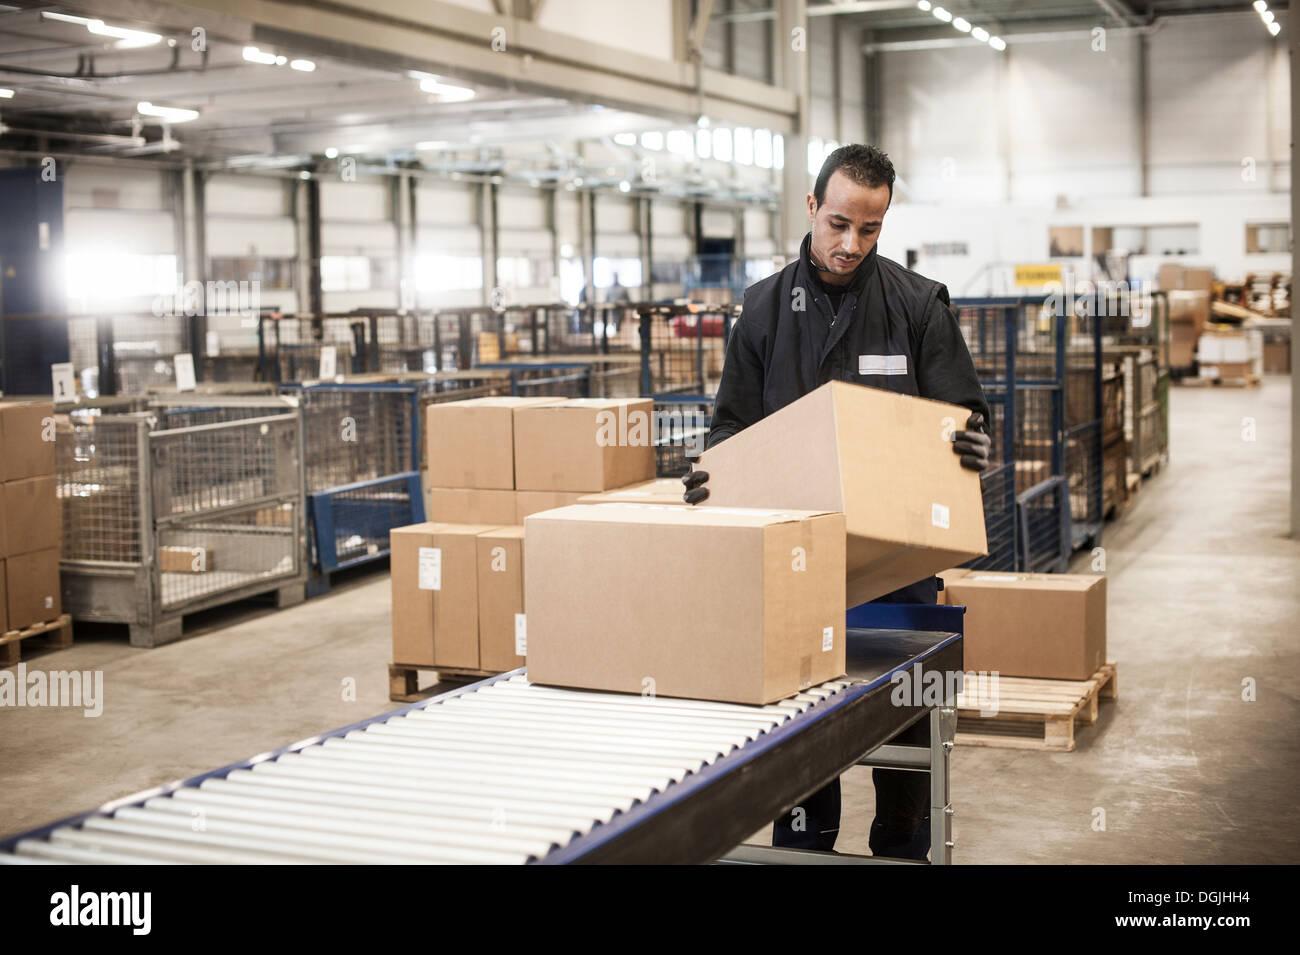 Male warehouse worker checking boîte en carton à partir de la courroie du convoyeur Photo Stock